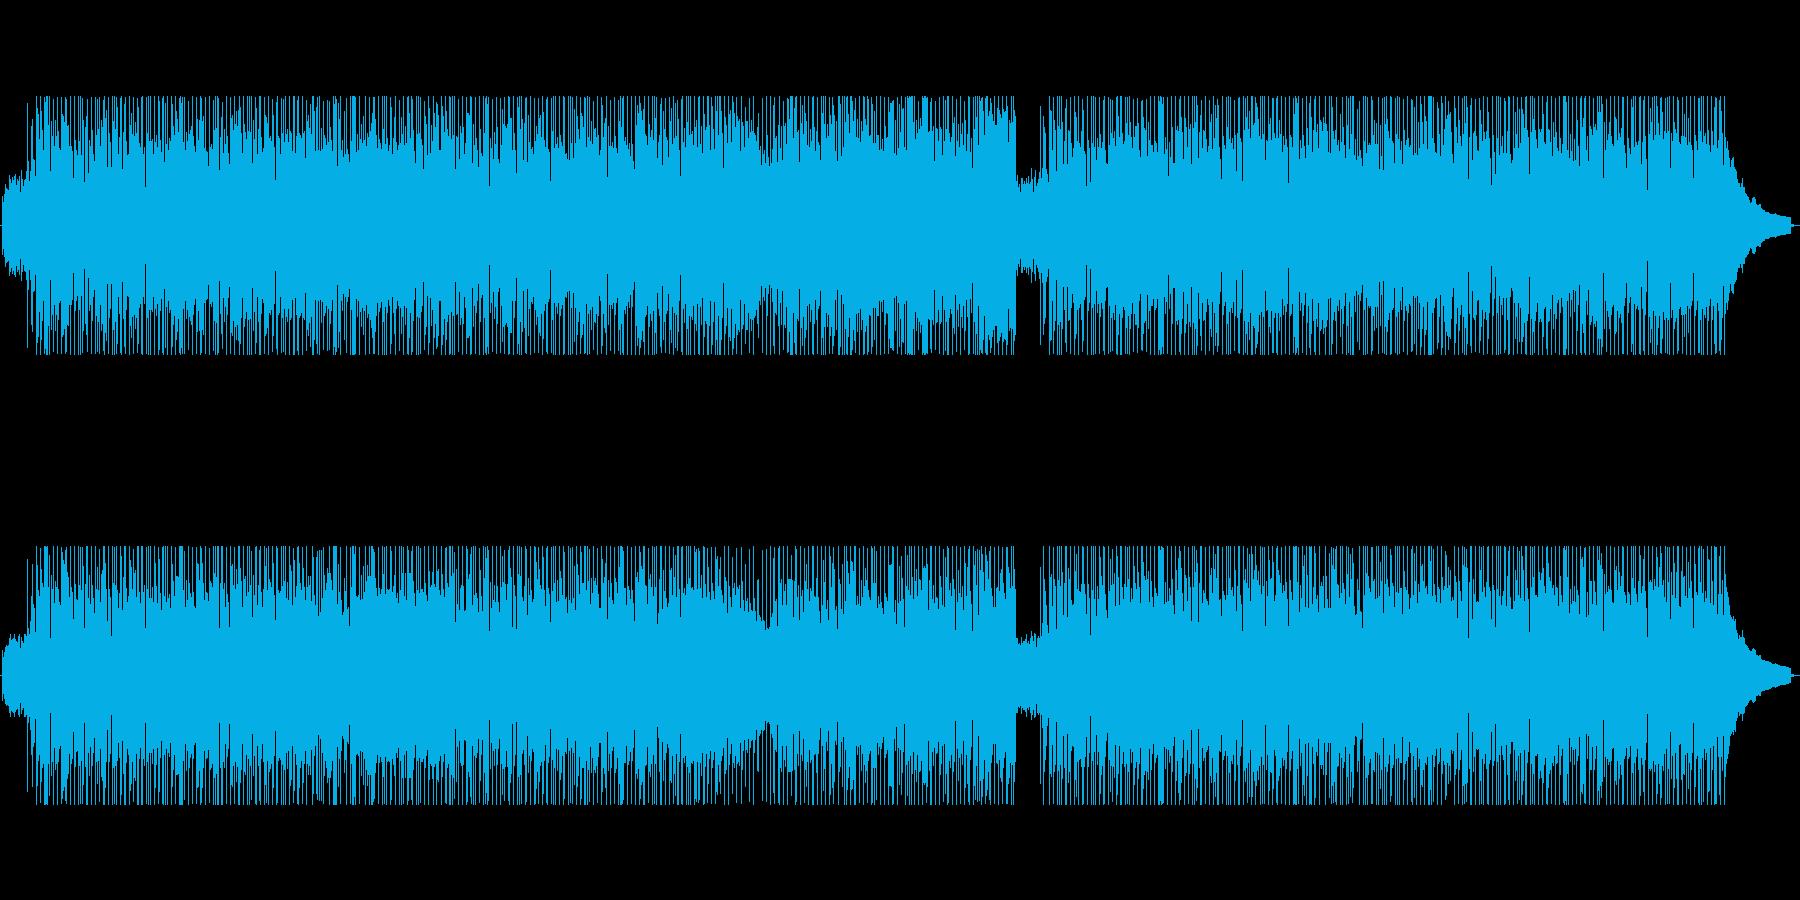 爽やか!躍動感溢れるギターポップロックの再生済みの波形